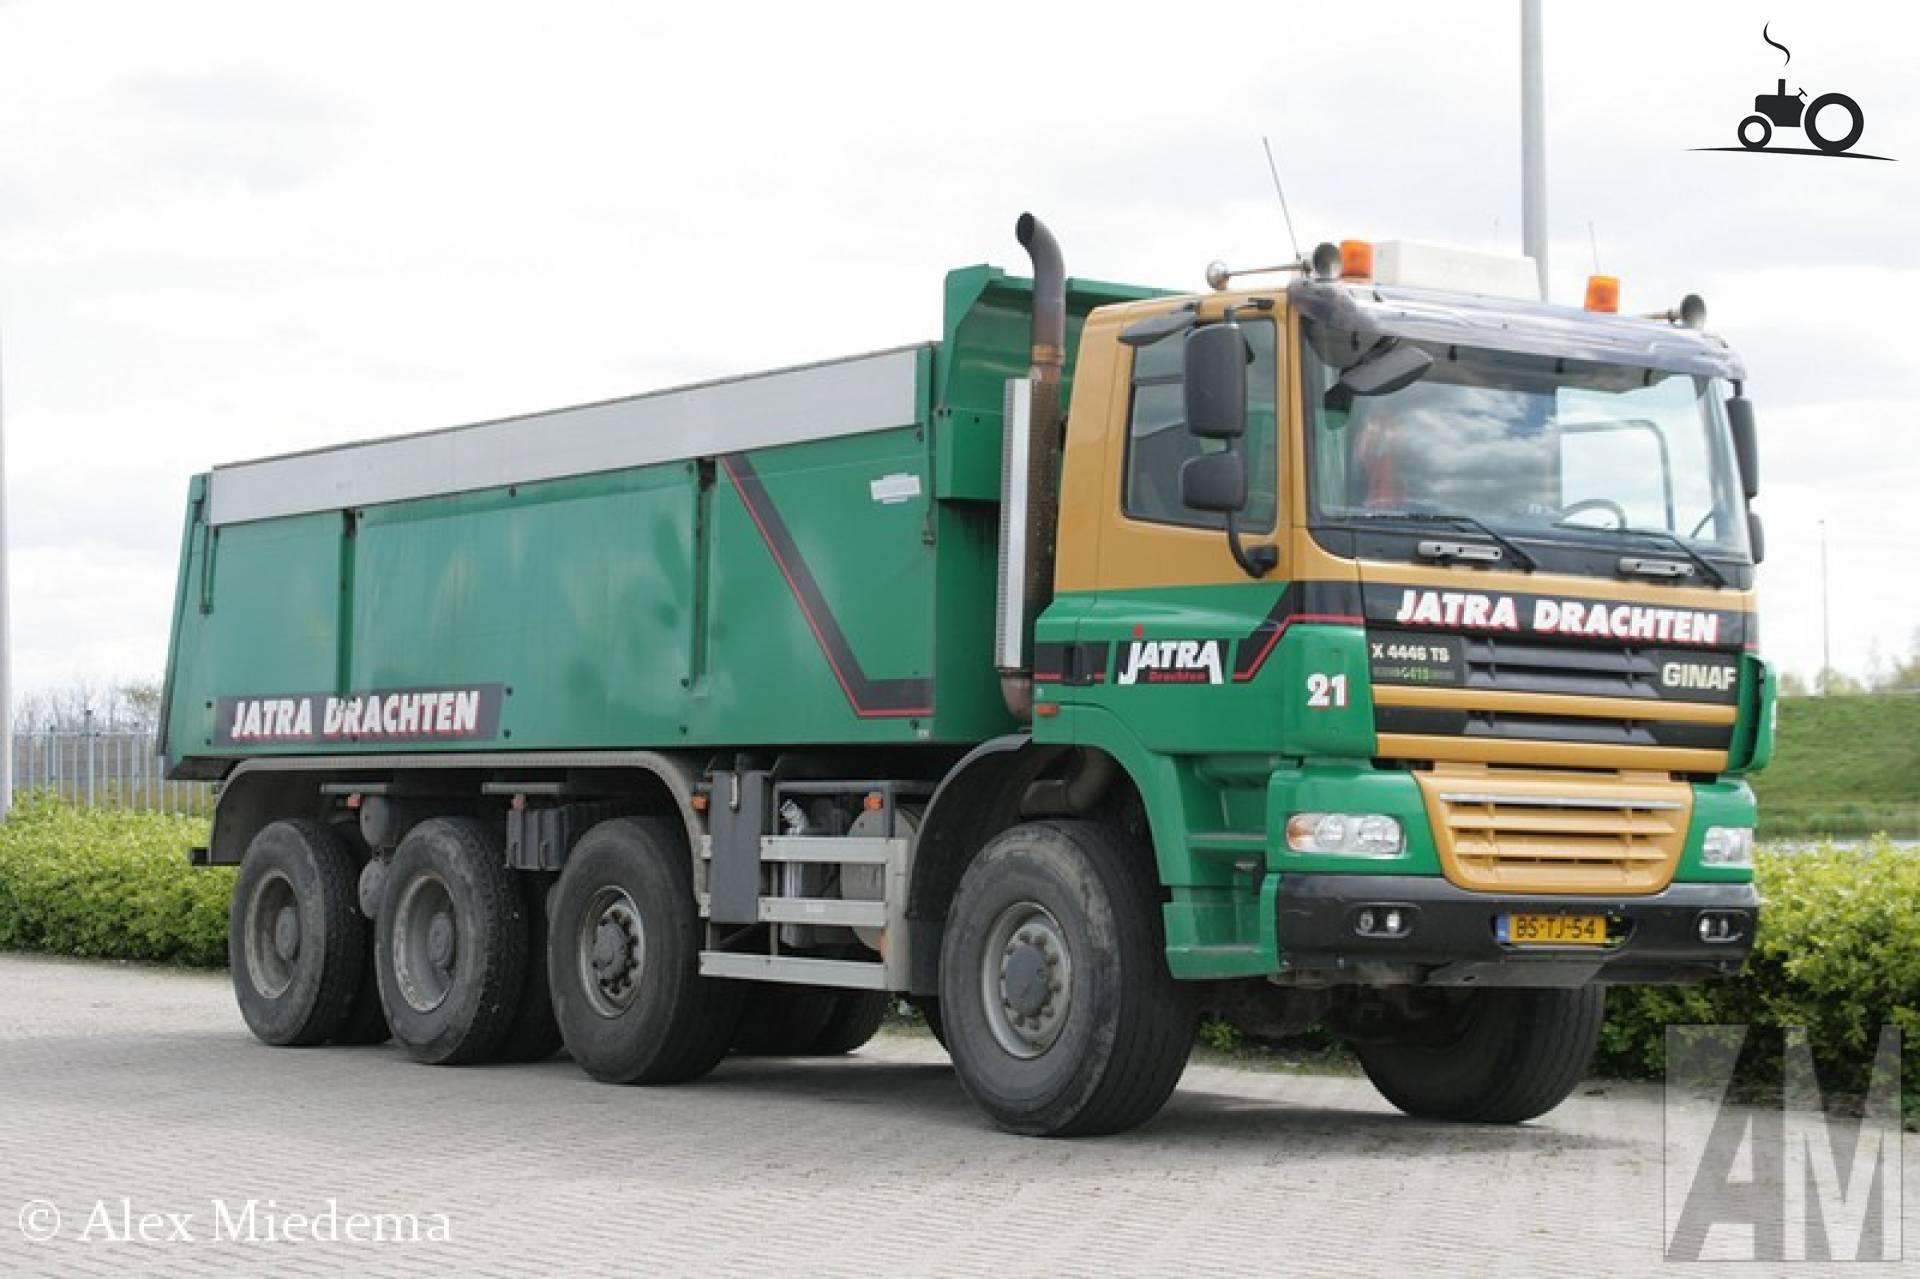 GINAF X4446-TS